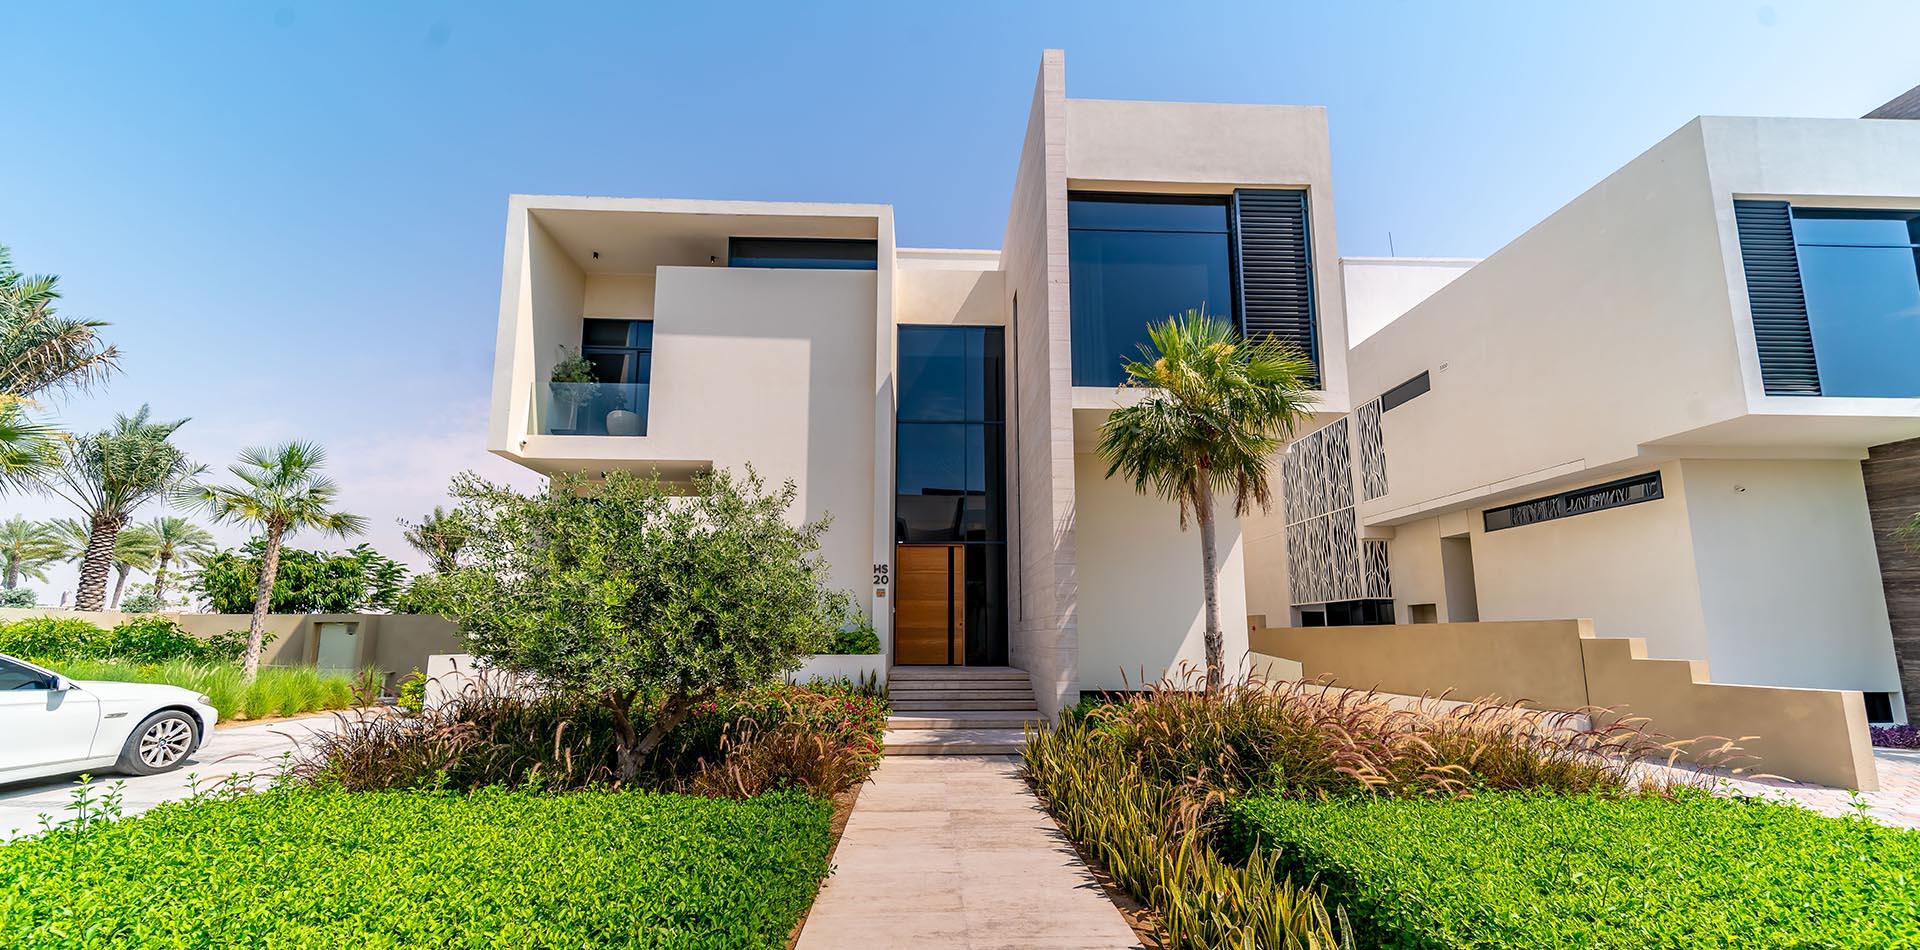 Hillside Villas in Jumeirah Golf Estates